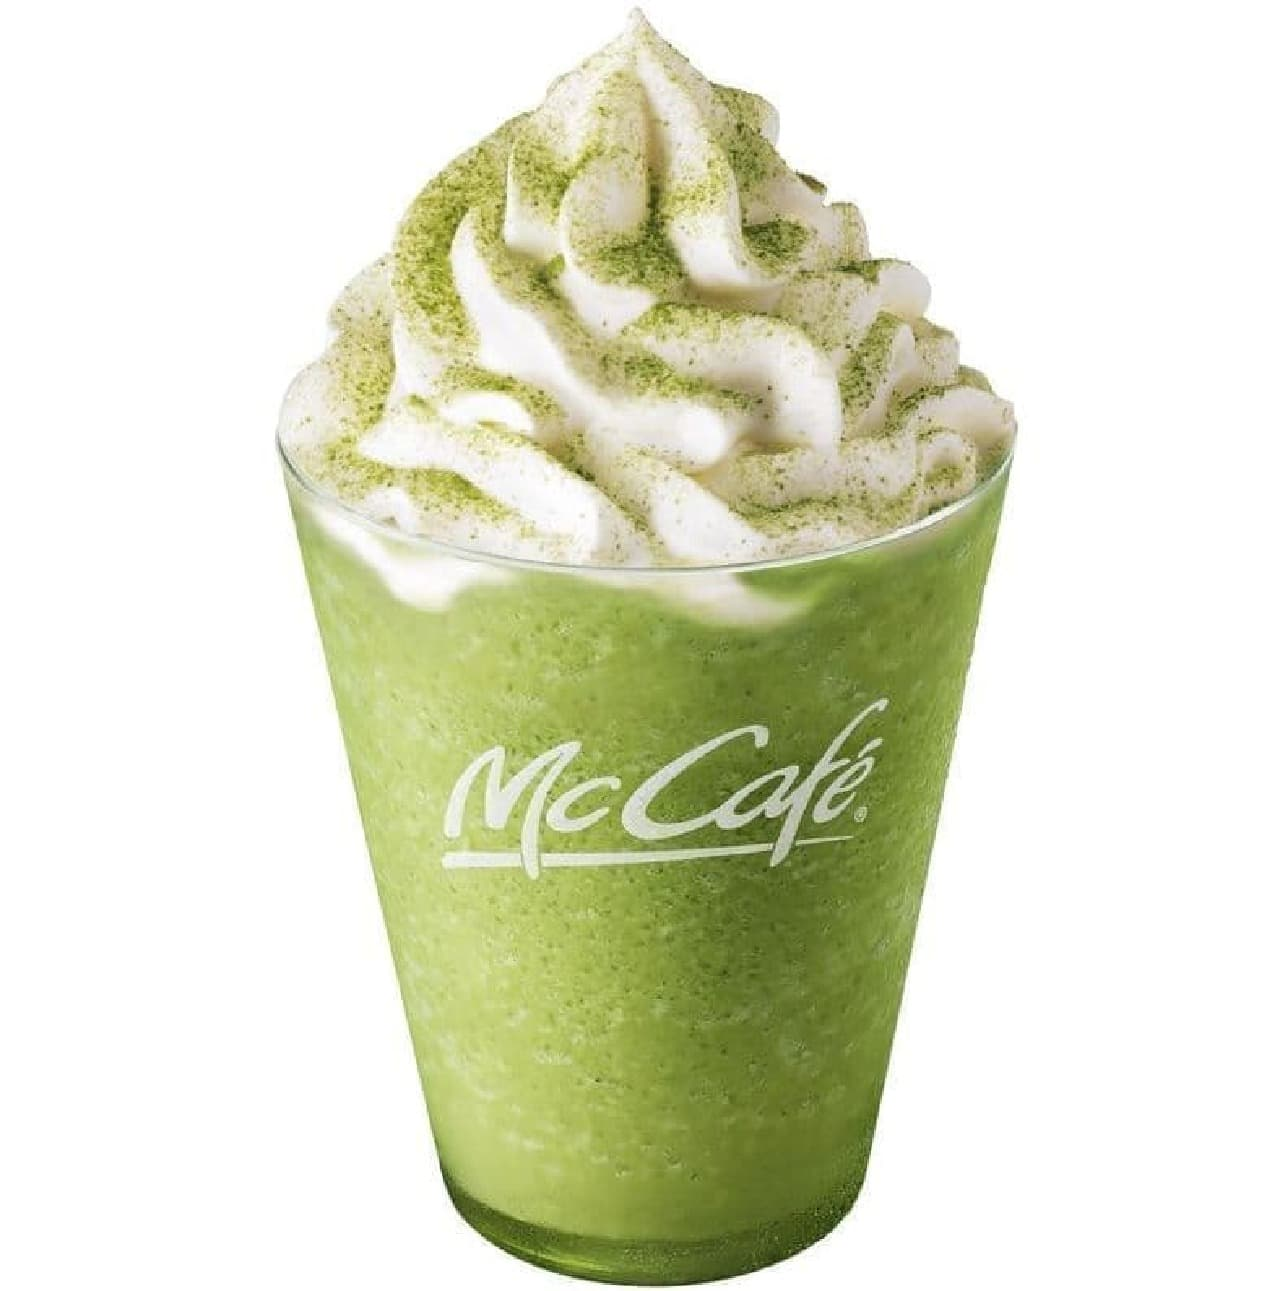 マックカフェに「ほうじ茶フラッペ」「抹茶フラッペ」